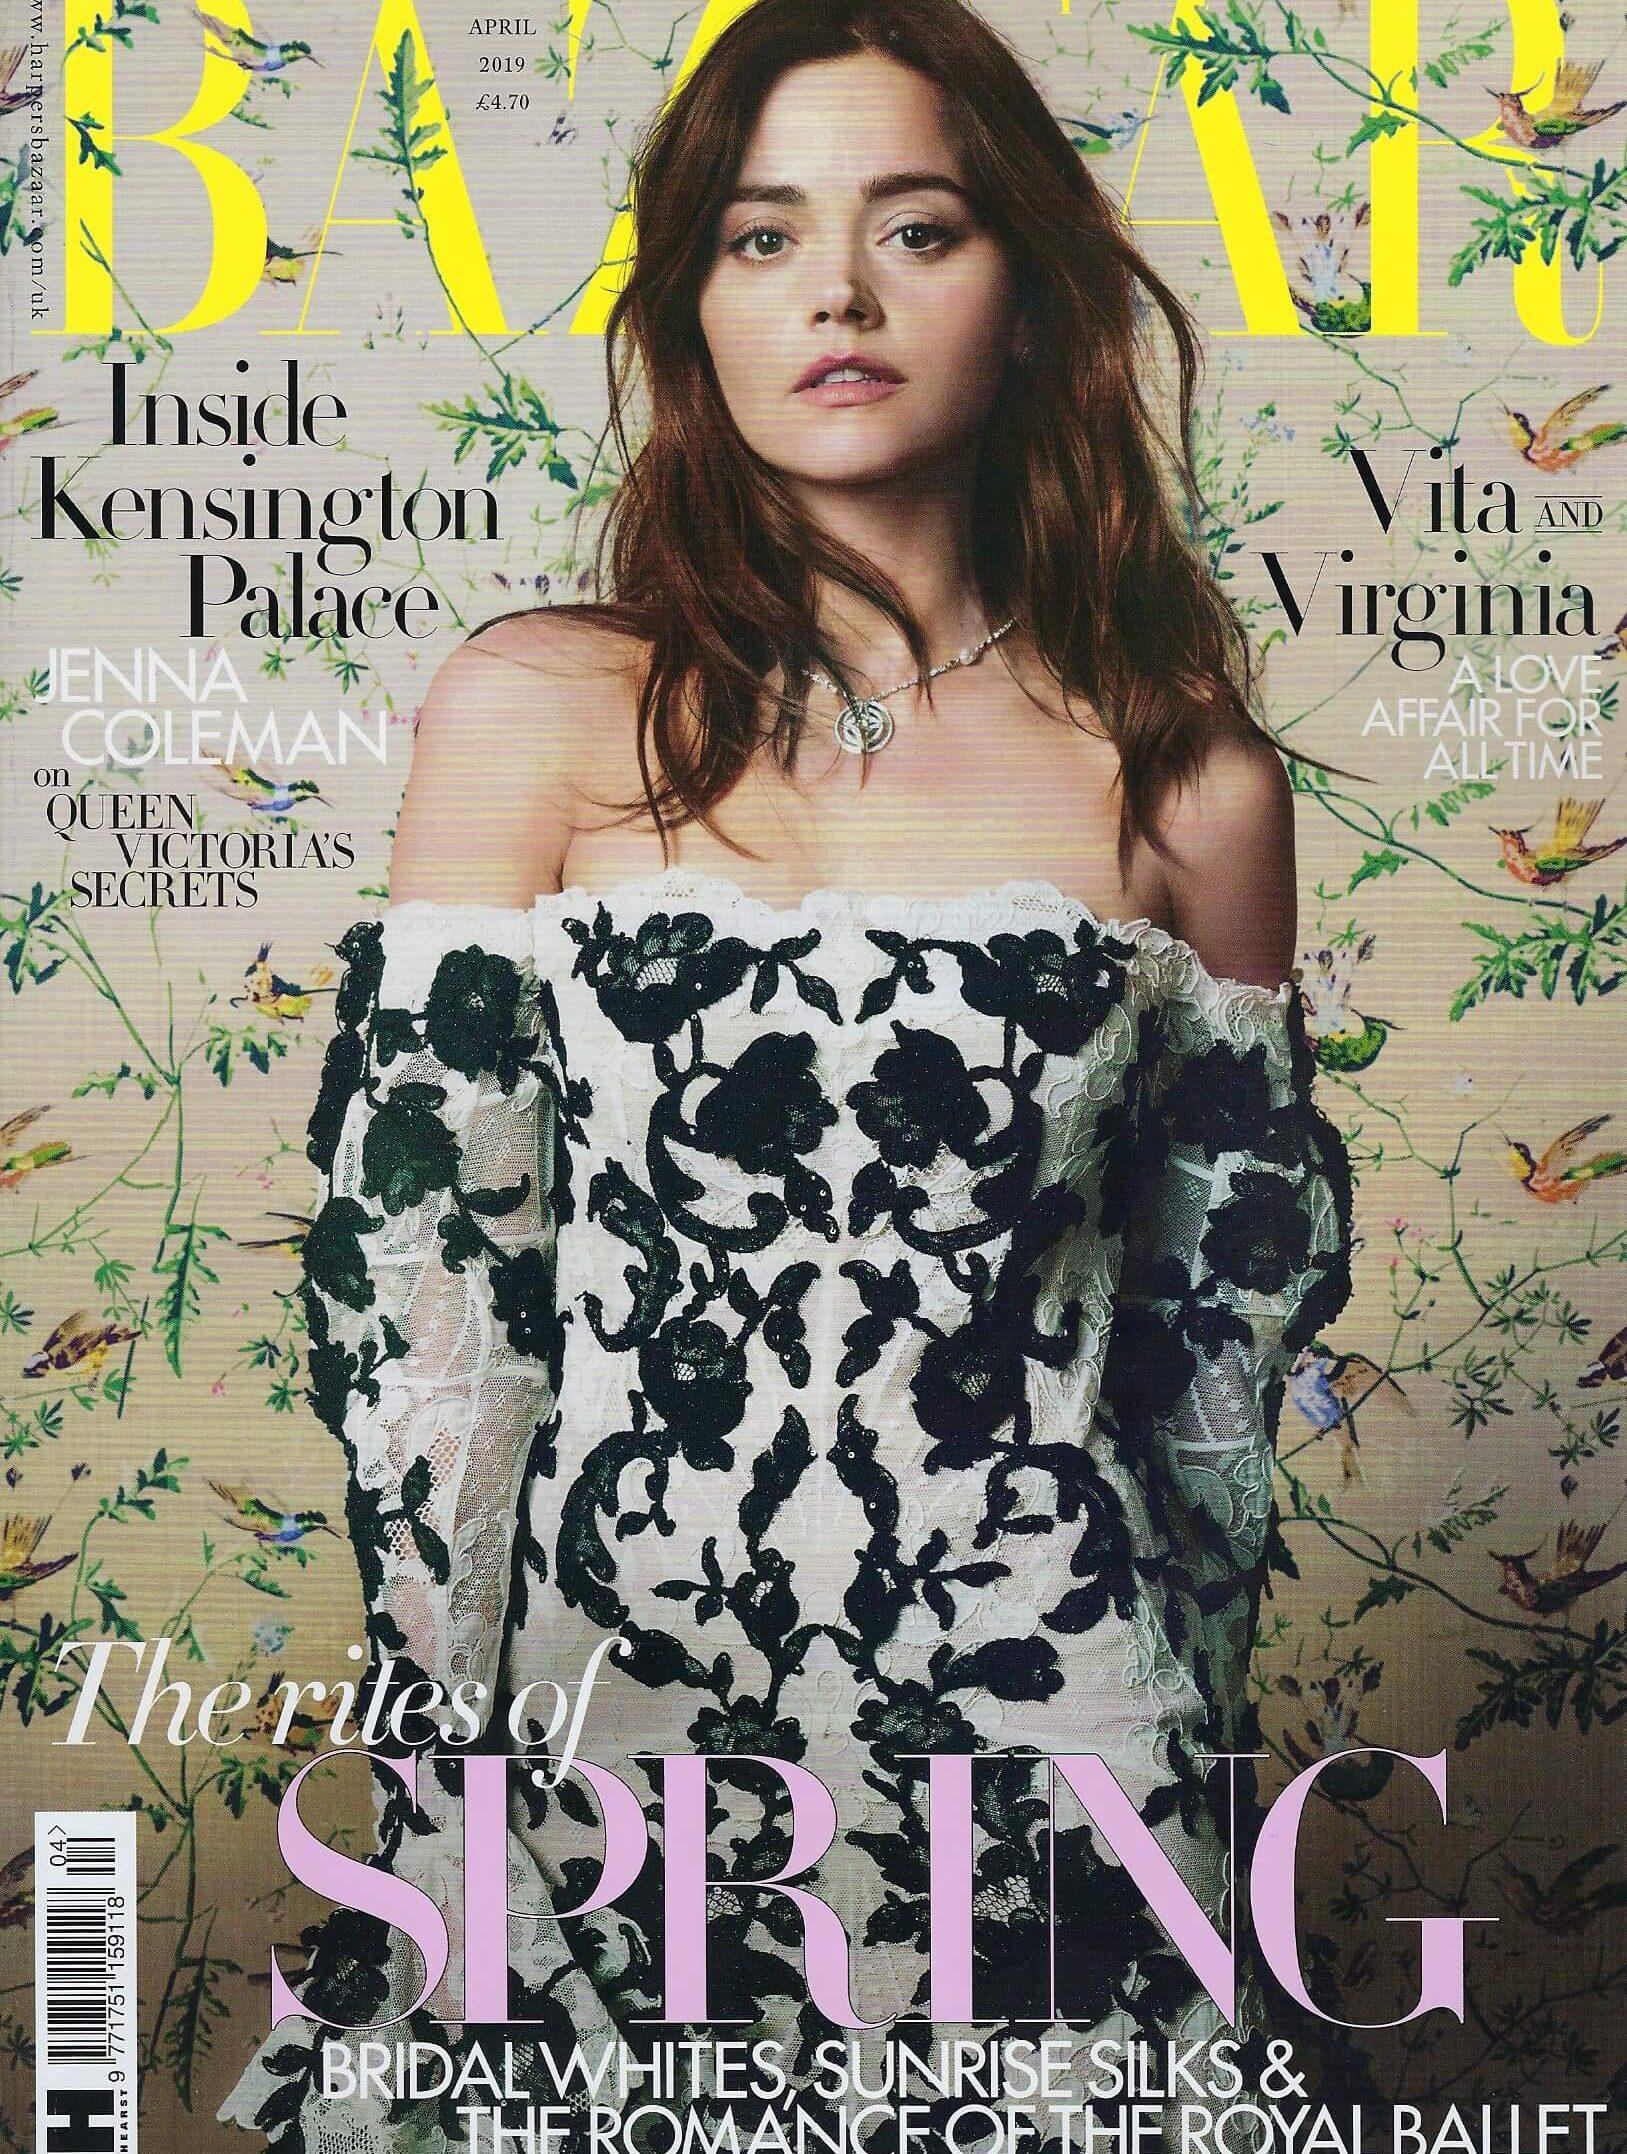 2019.04-Harpers-Bazaar-April-19-Cover-aspect-ratio-170×225